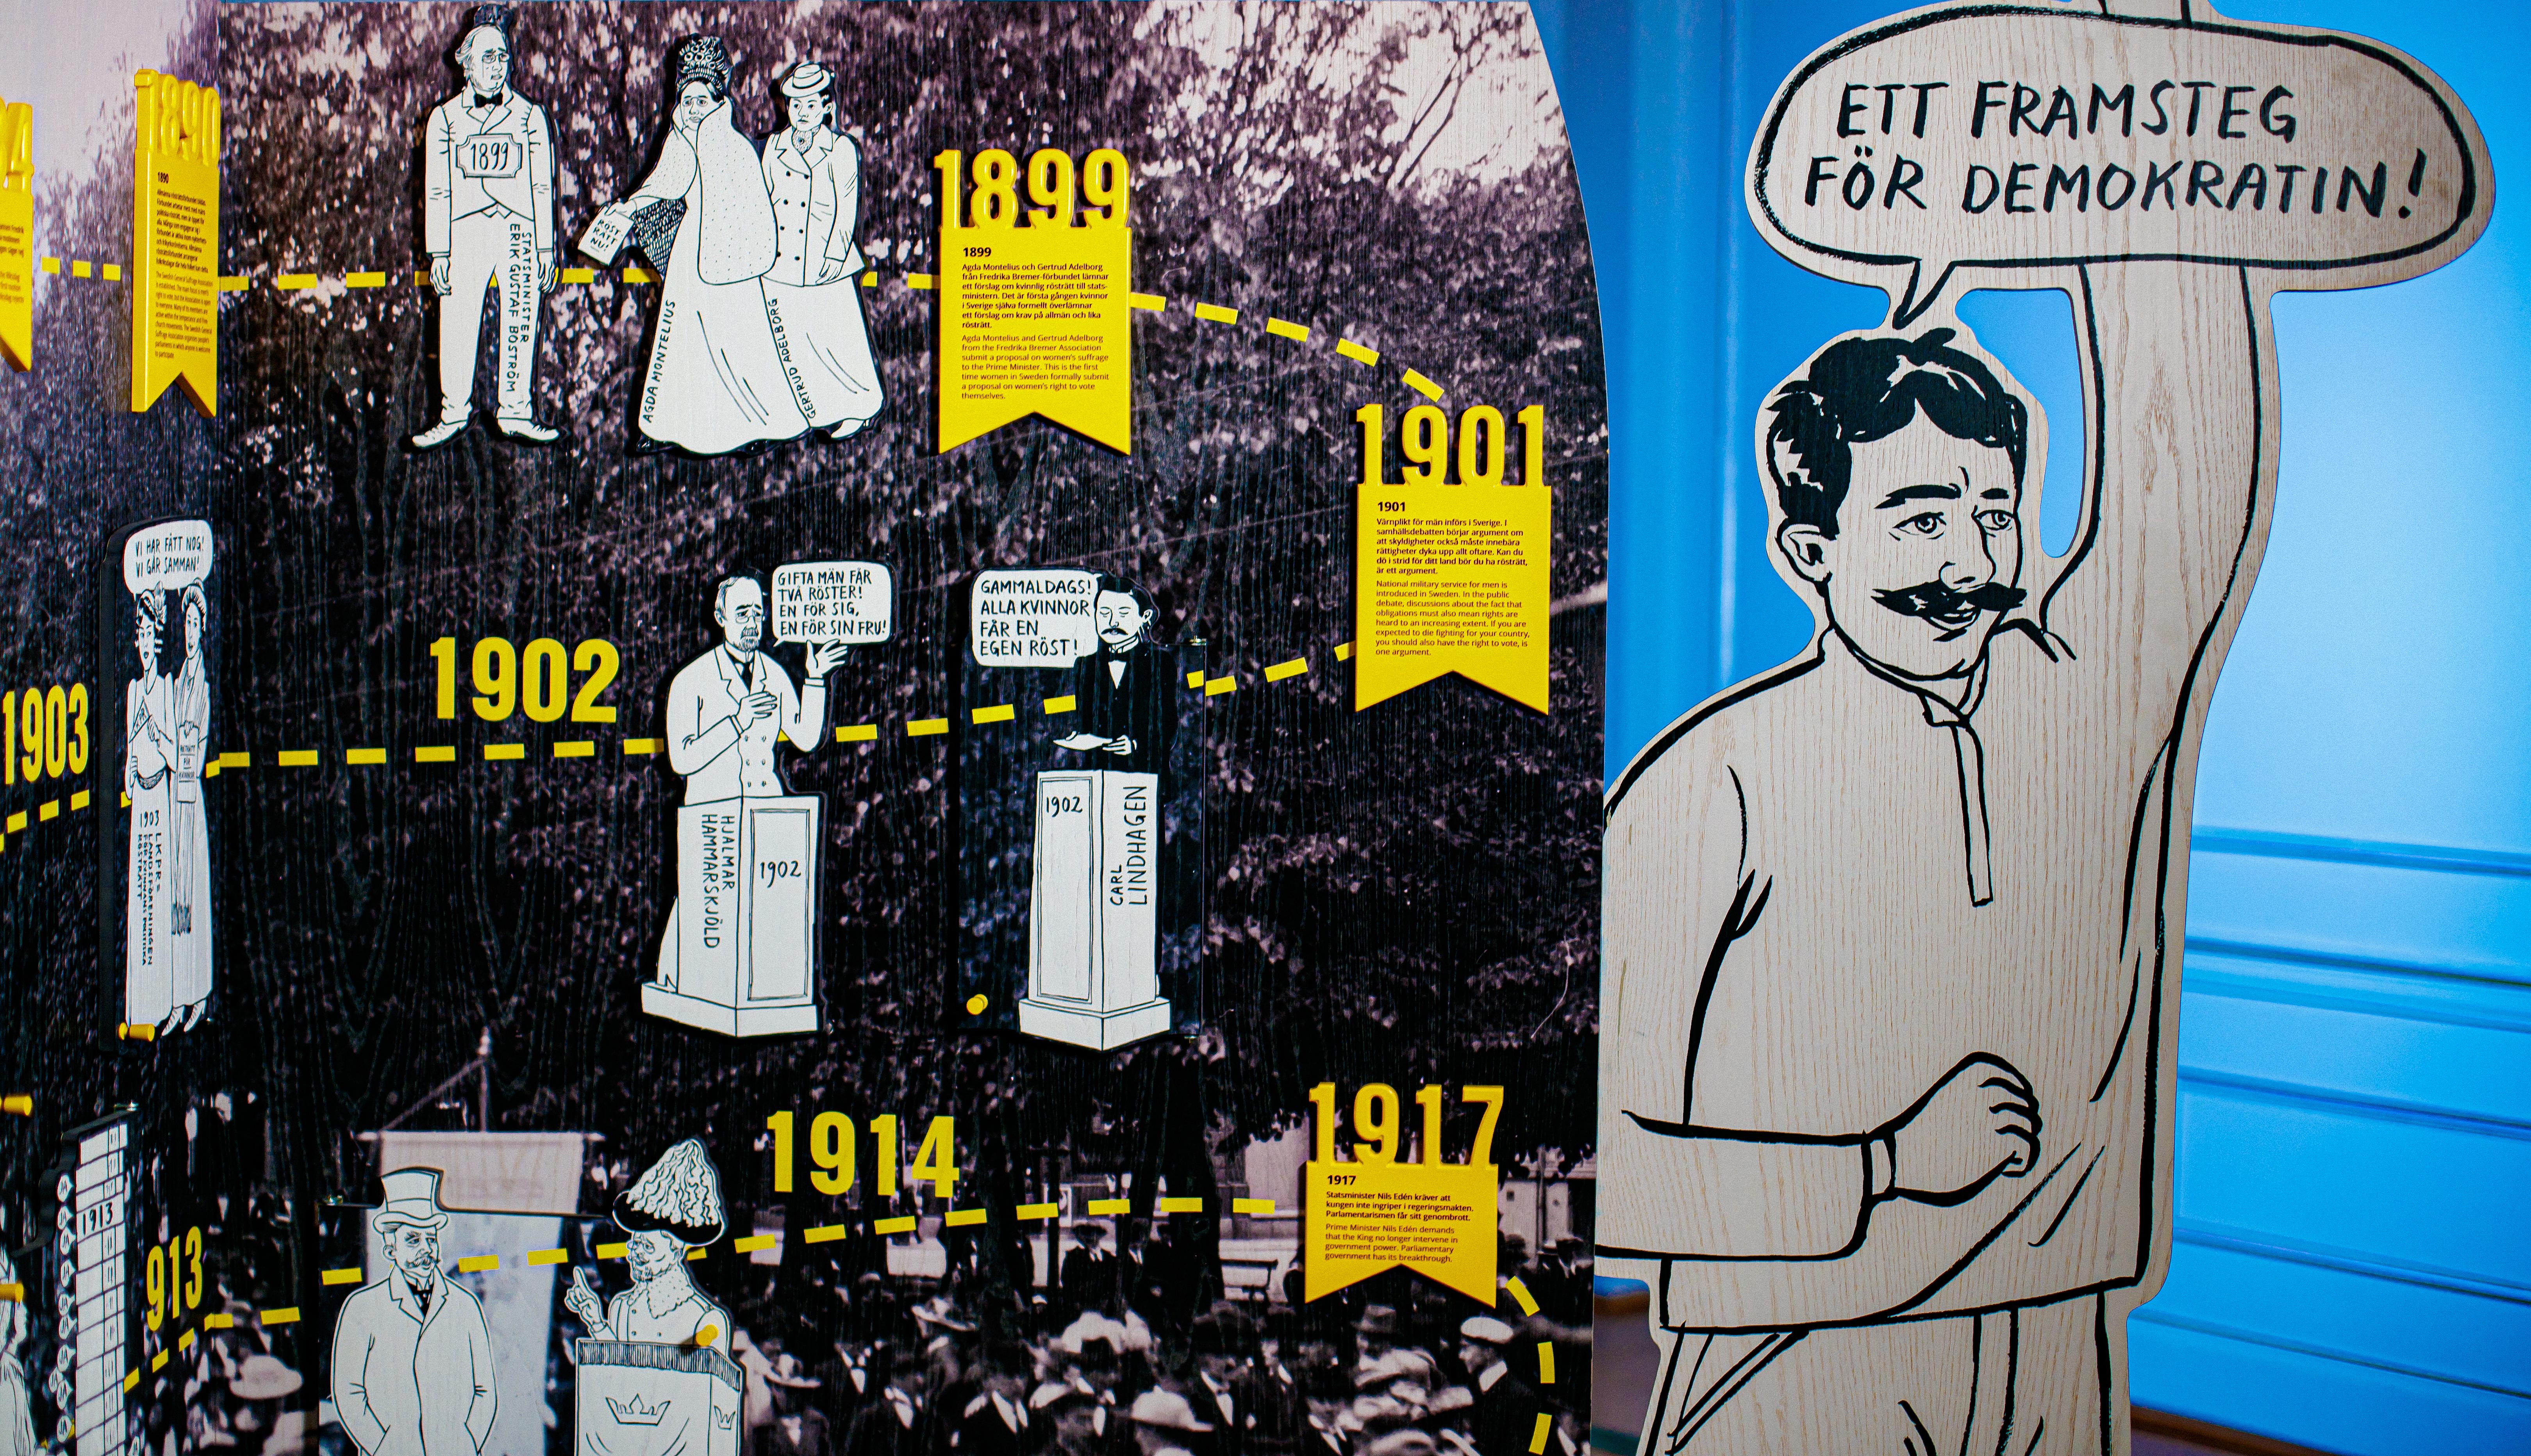 Utställningen Fira demokratin står i Sammanbindningsbanan i Östra riksdagshuset i Stockholm. Foto: Riksdagsförvaltningen